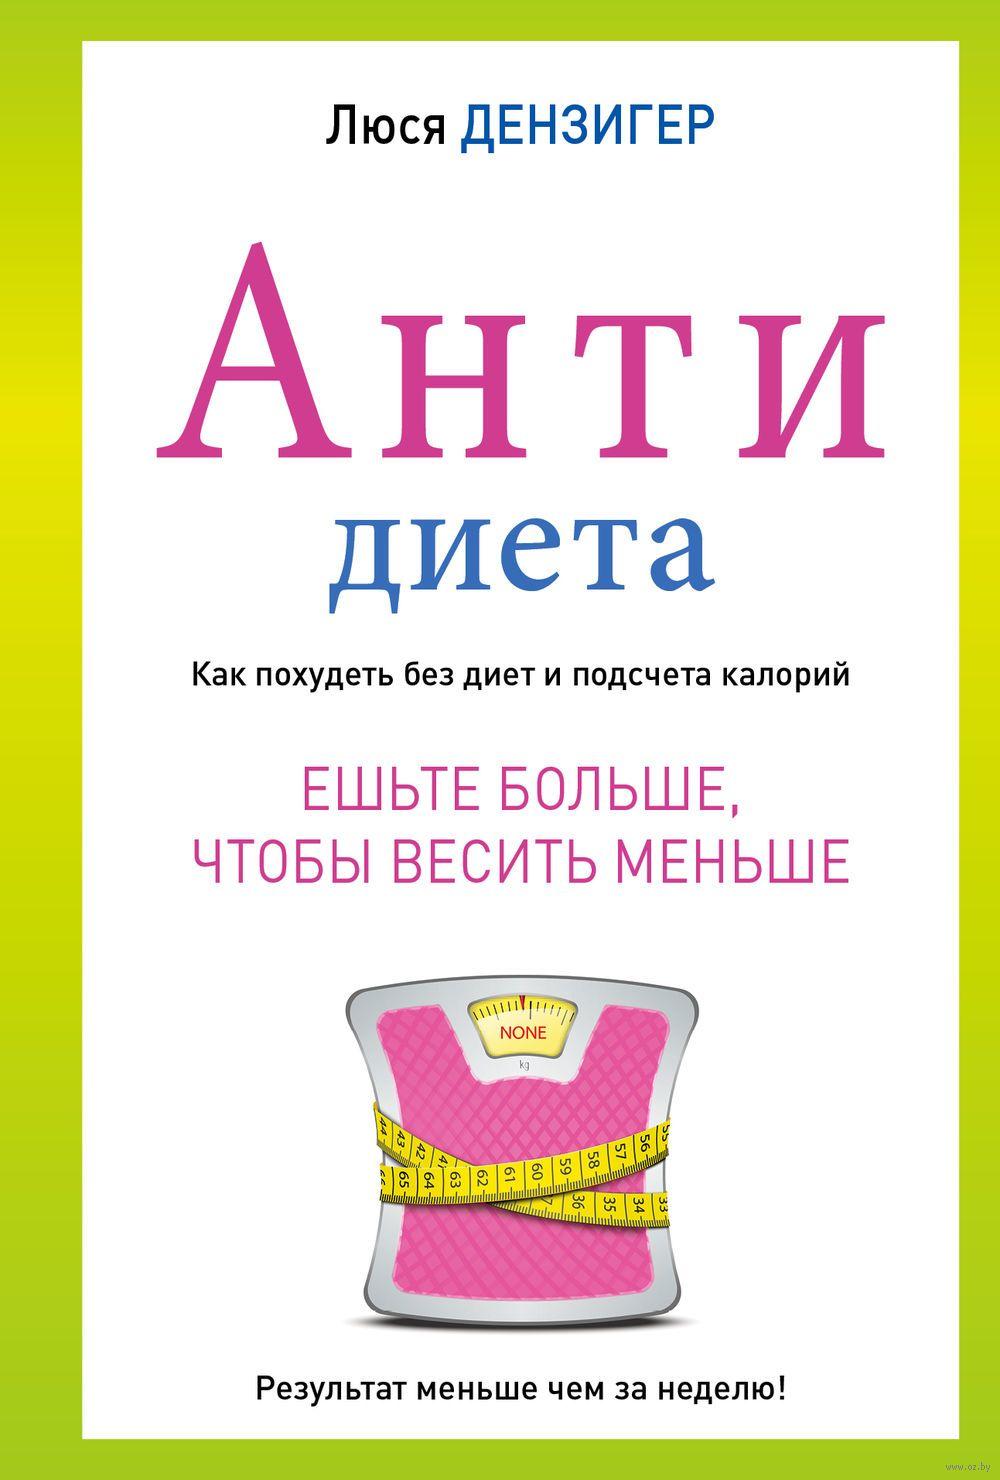 Антидиета» люси дензигер купить книгу «антидиета» в минске.